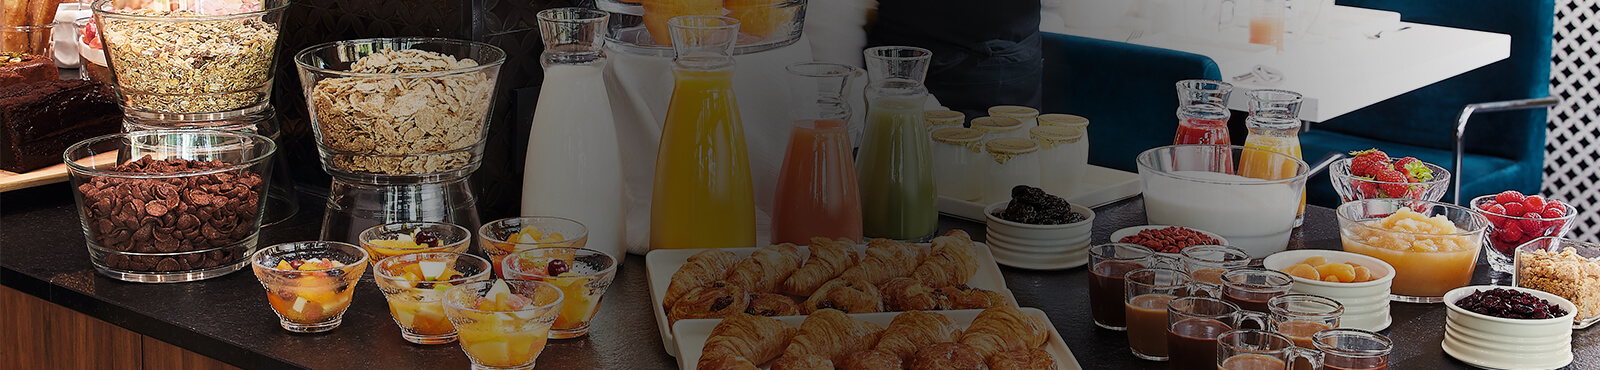 Banniere buffet petit déjeuner par Arcoroc